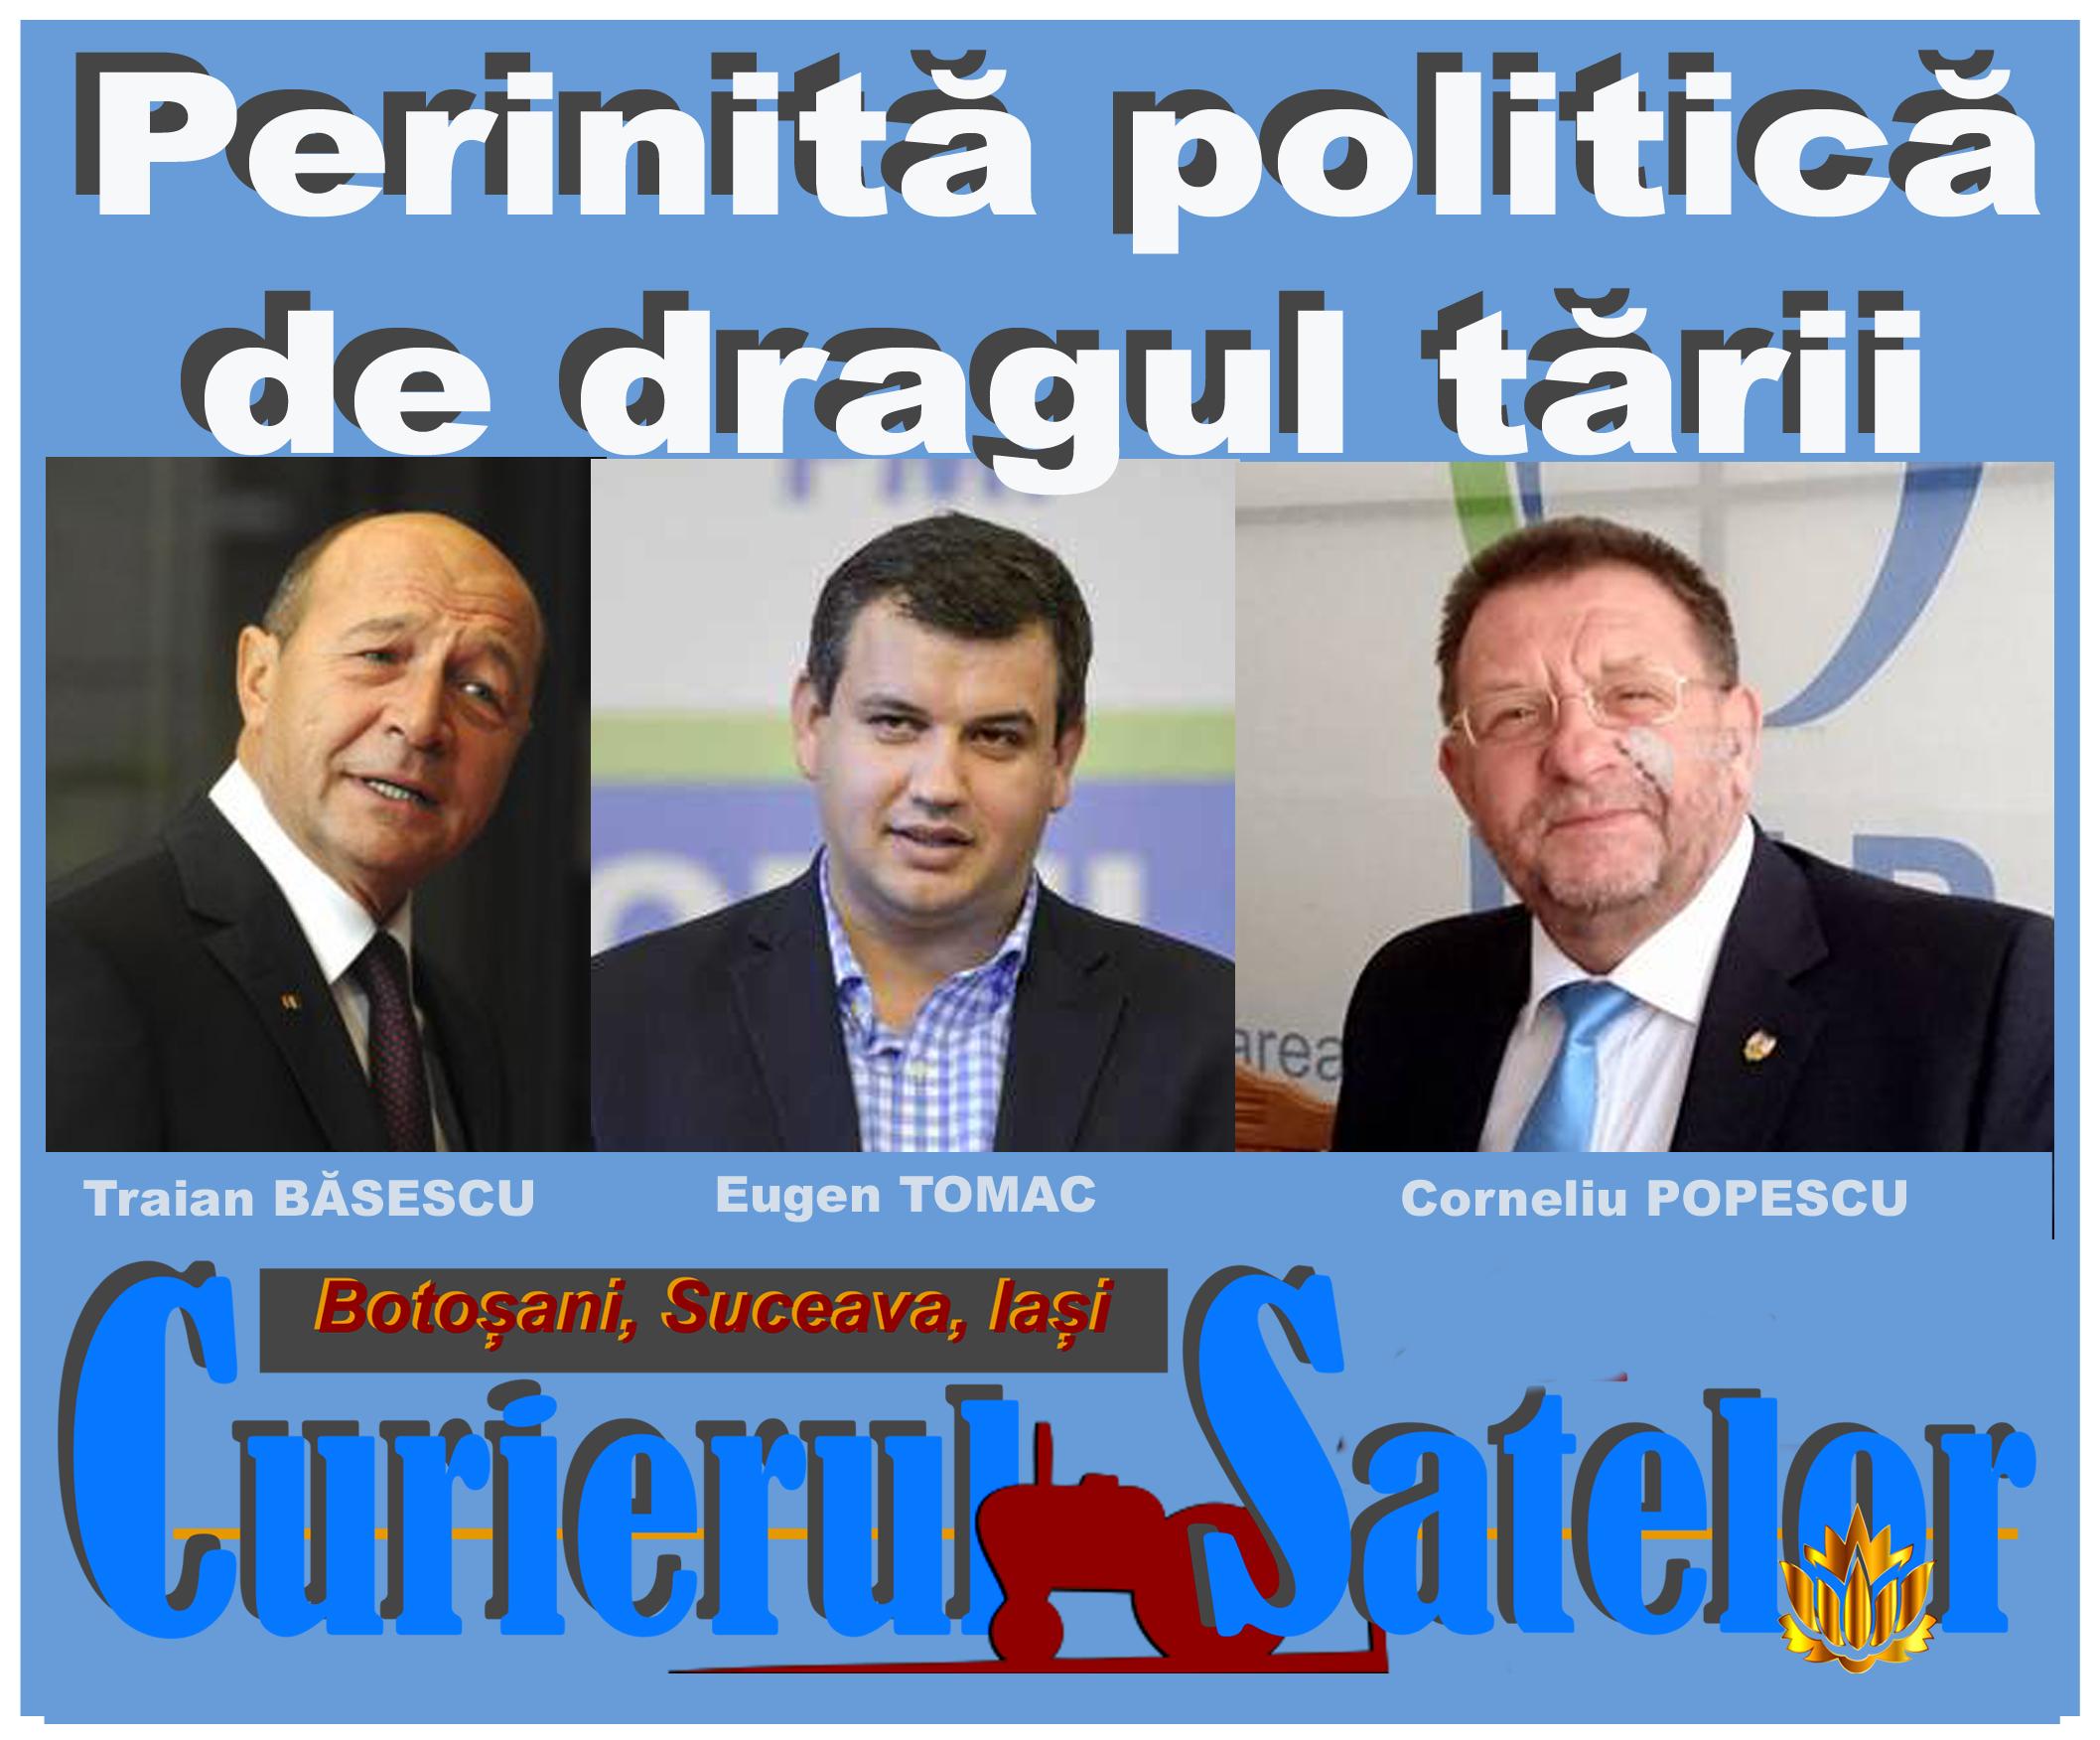 BREAKING NEWS Băsescu, Tomac și Popescu au băgat bisturiul realității în rănile României. PMP Botoșani primește patru funcții cheie în Botoșani și una la capitală 1